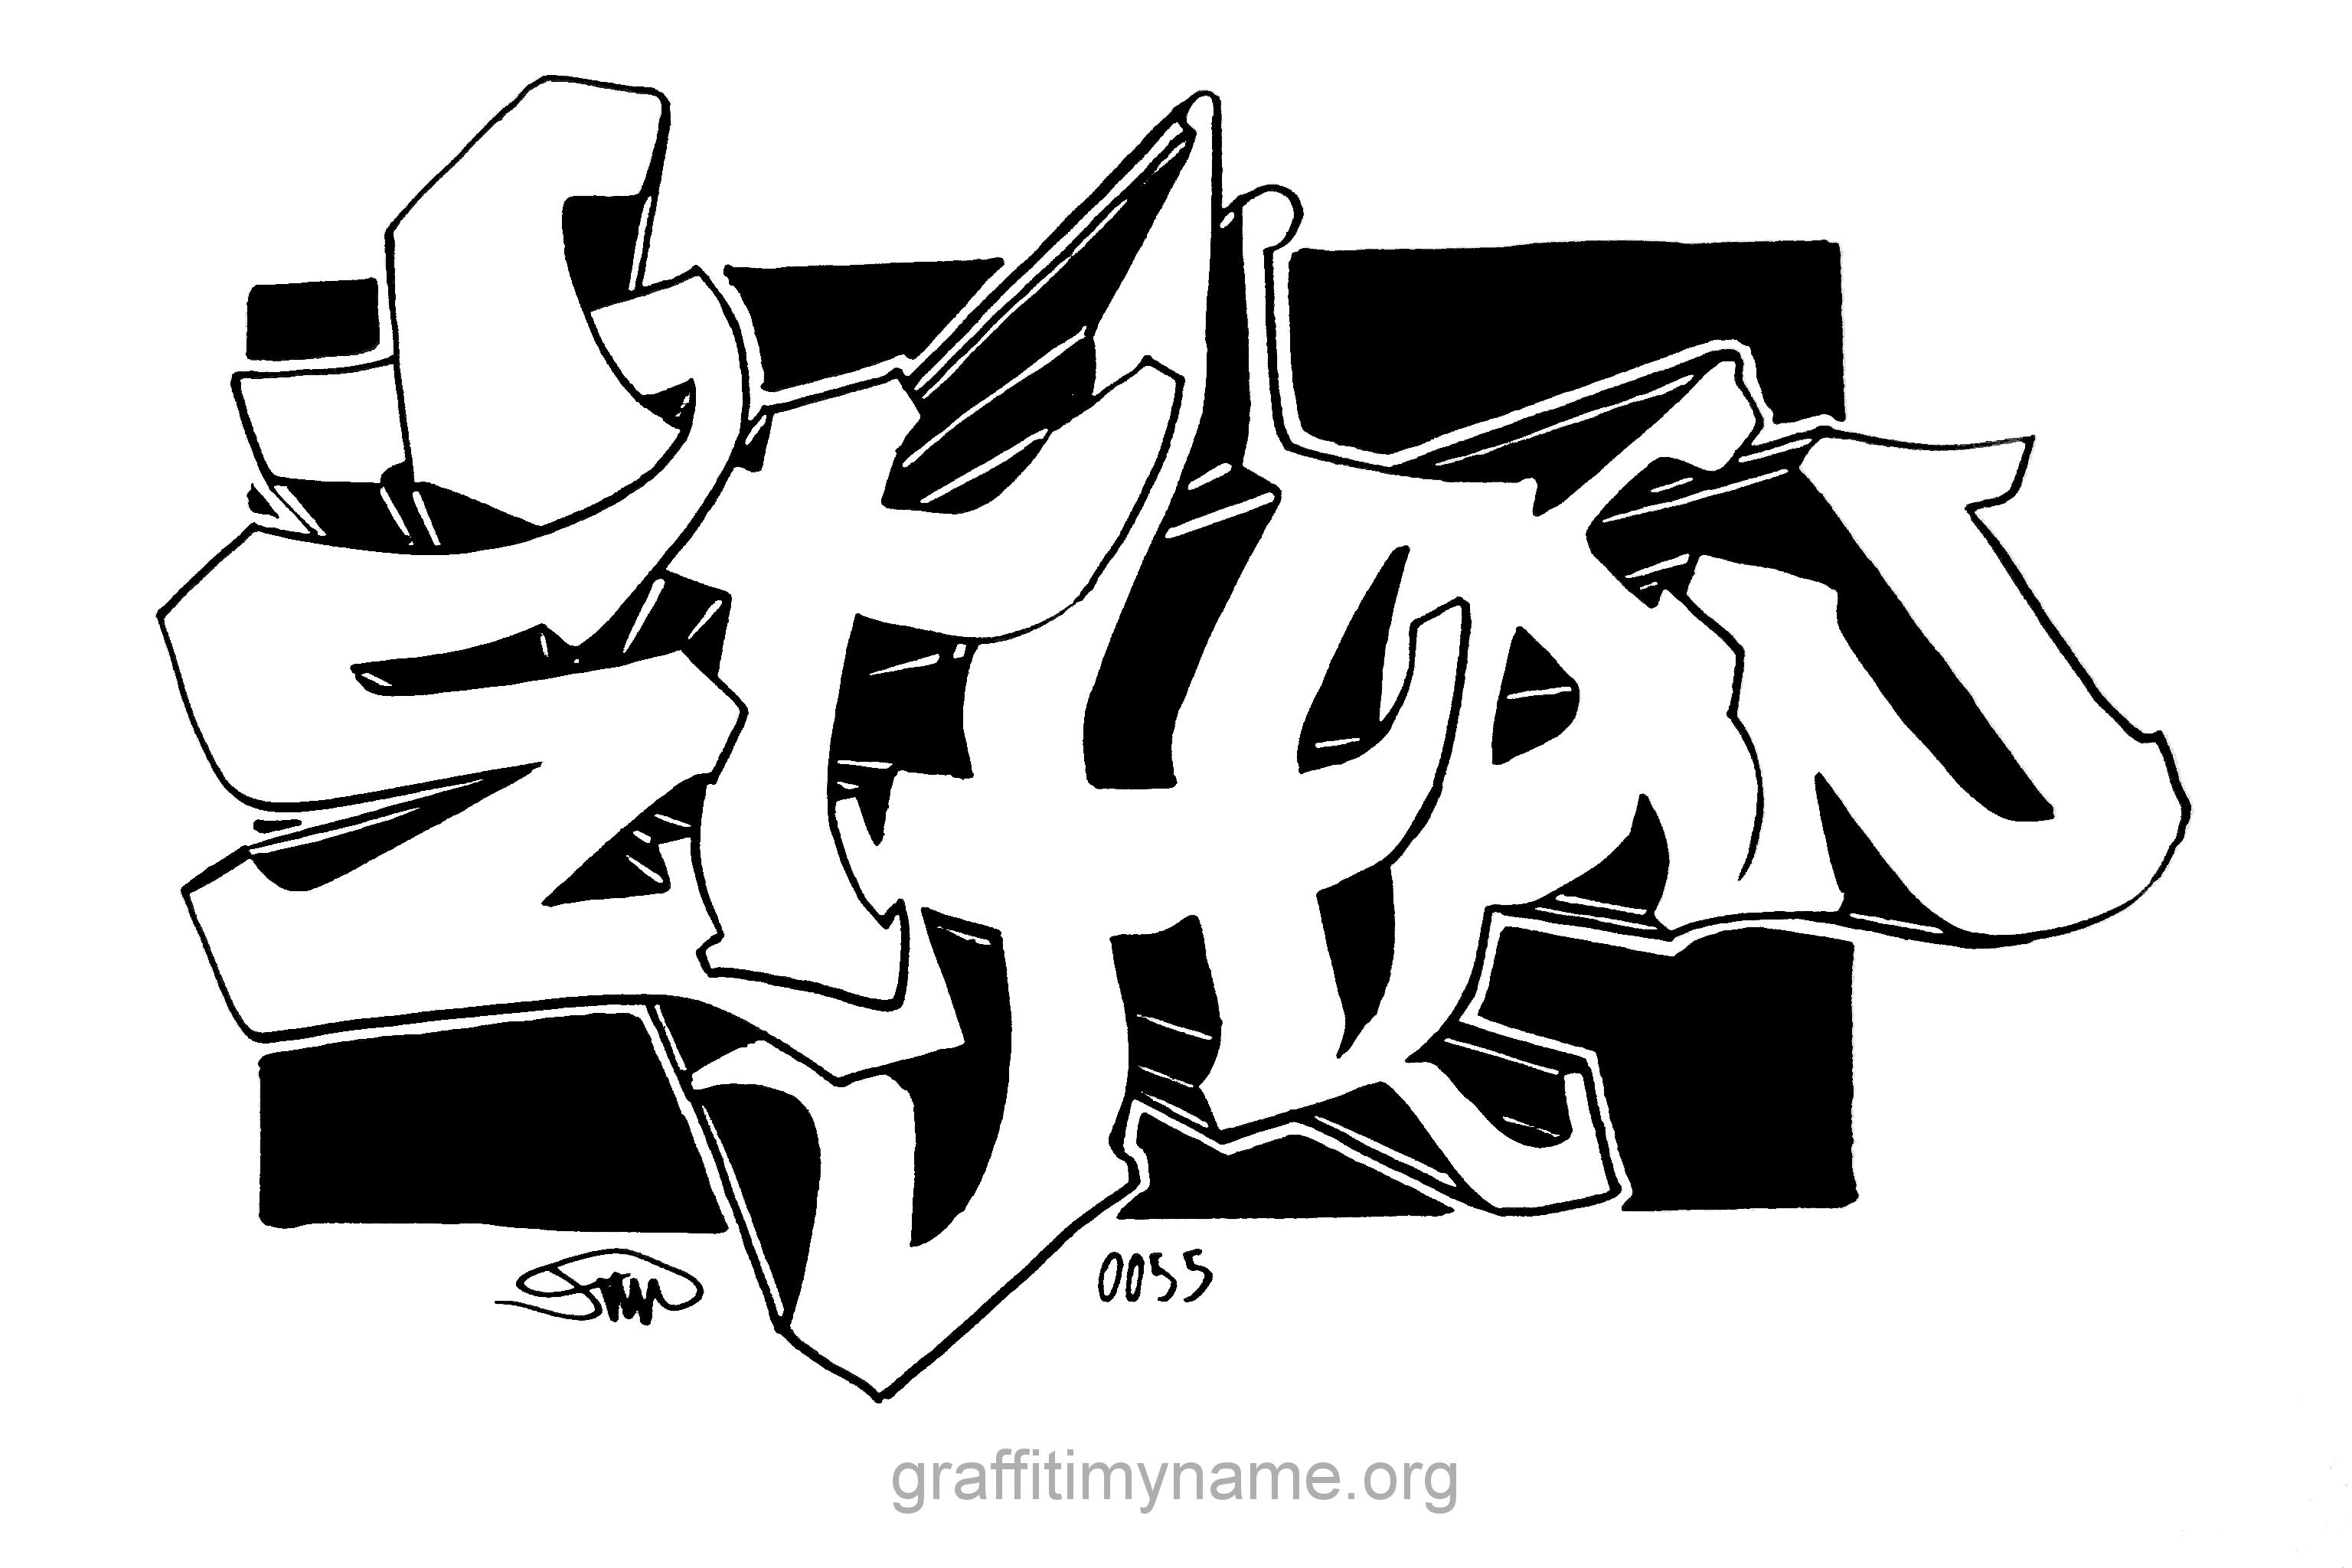 ethan Graffiti my name, Graffiti, Graffiti lettering